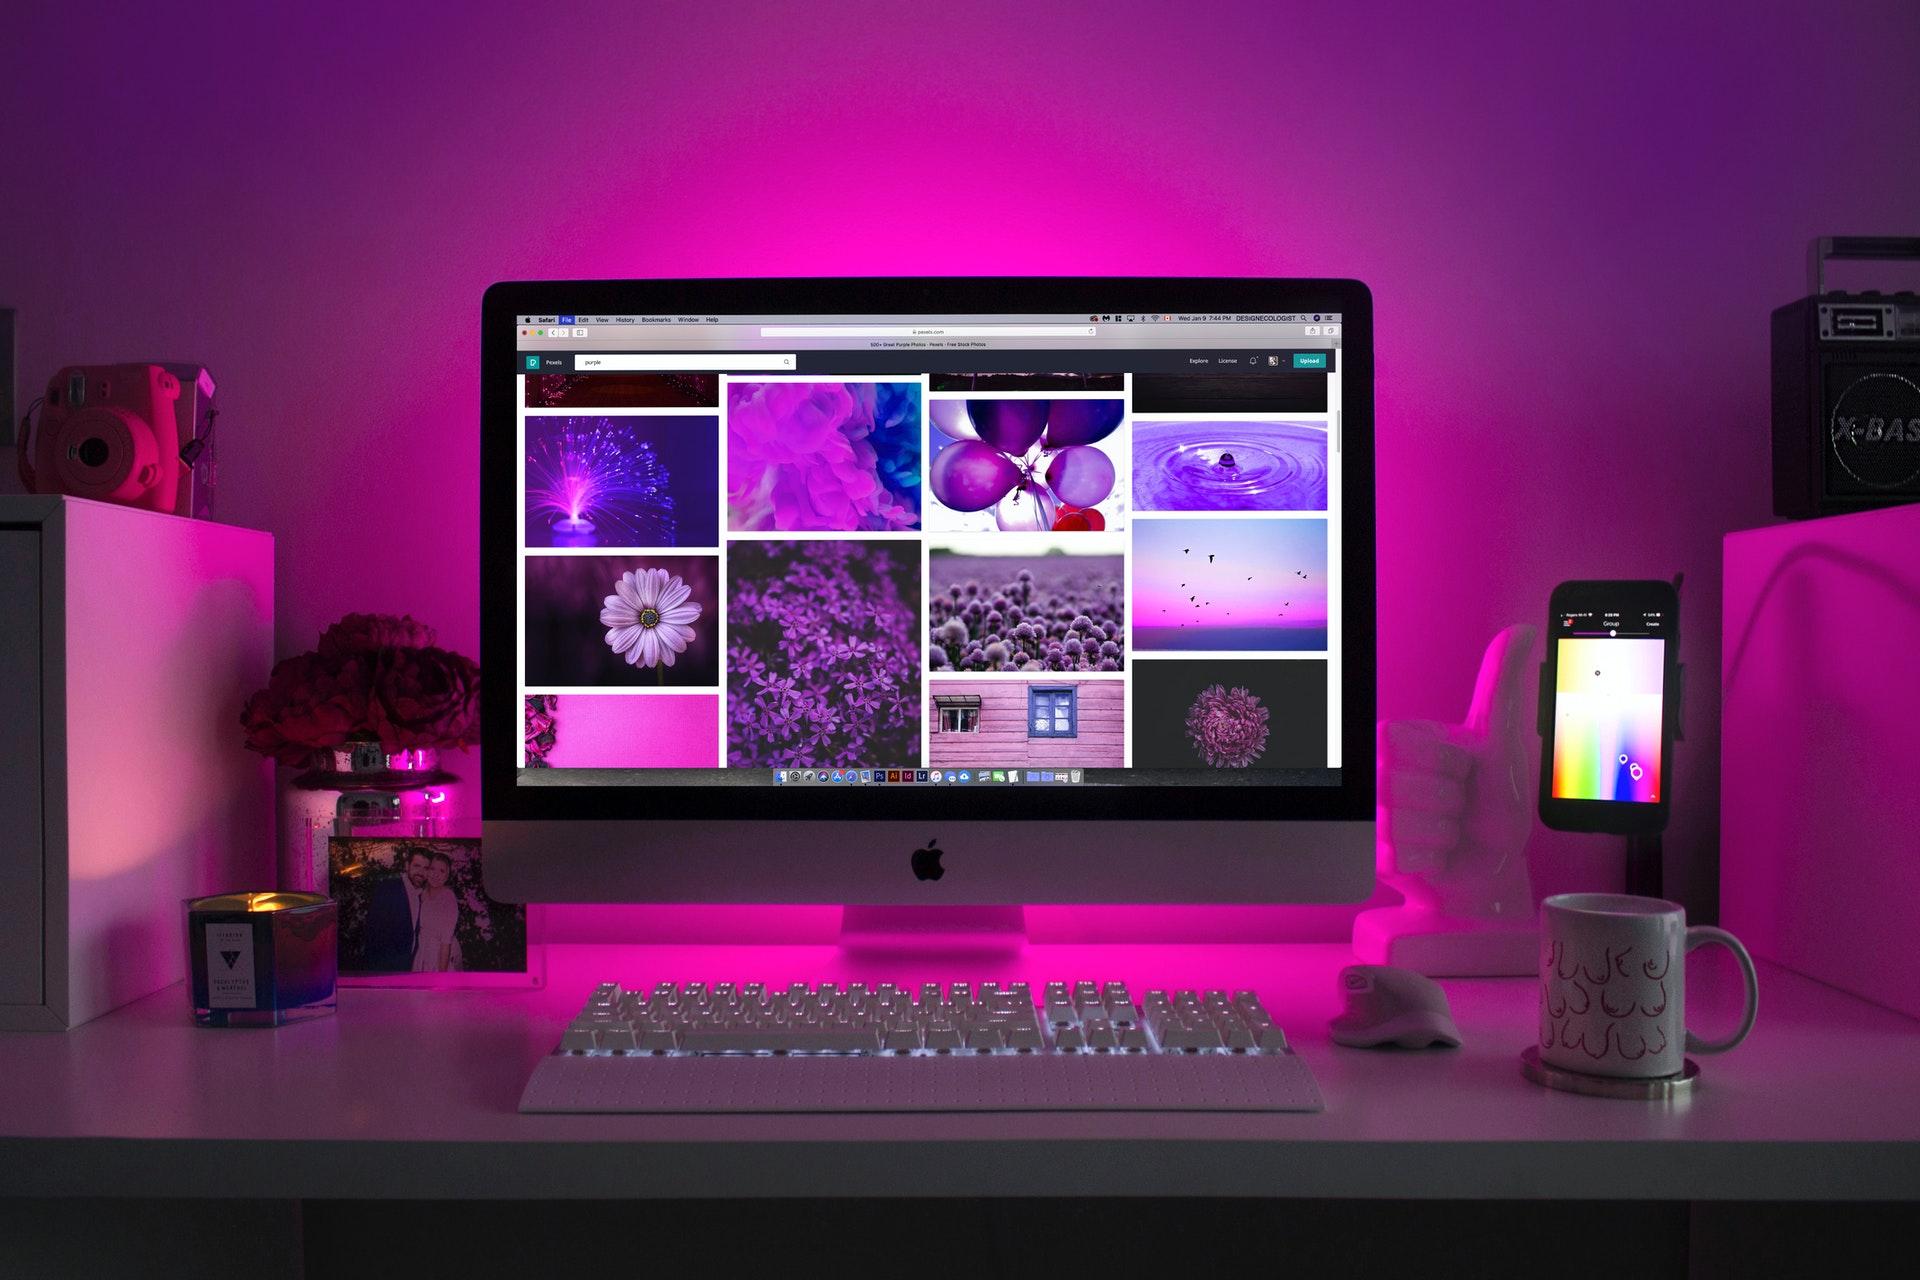 ホームページやブログをスタートするときにつまづきやすい3つのポイント